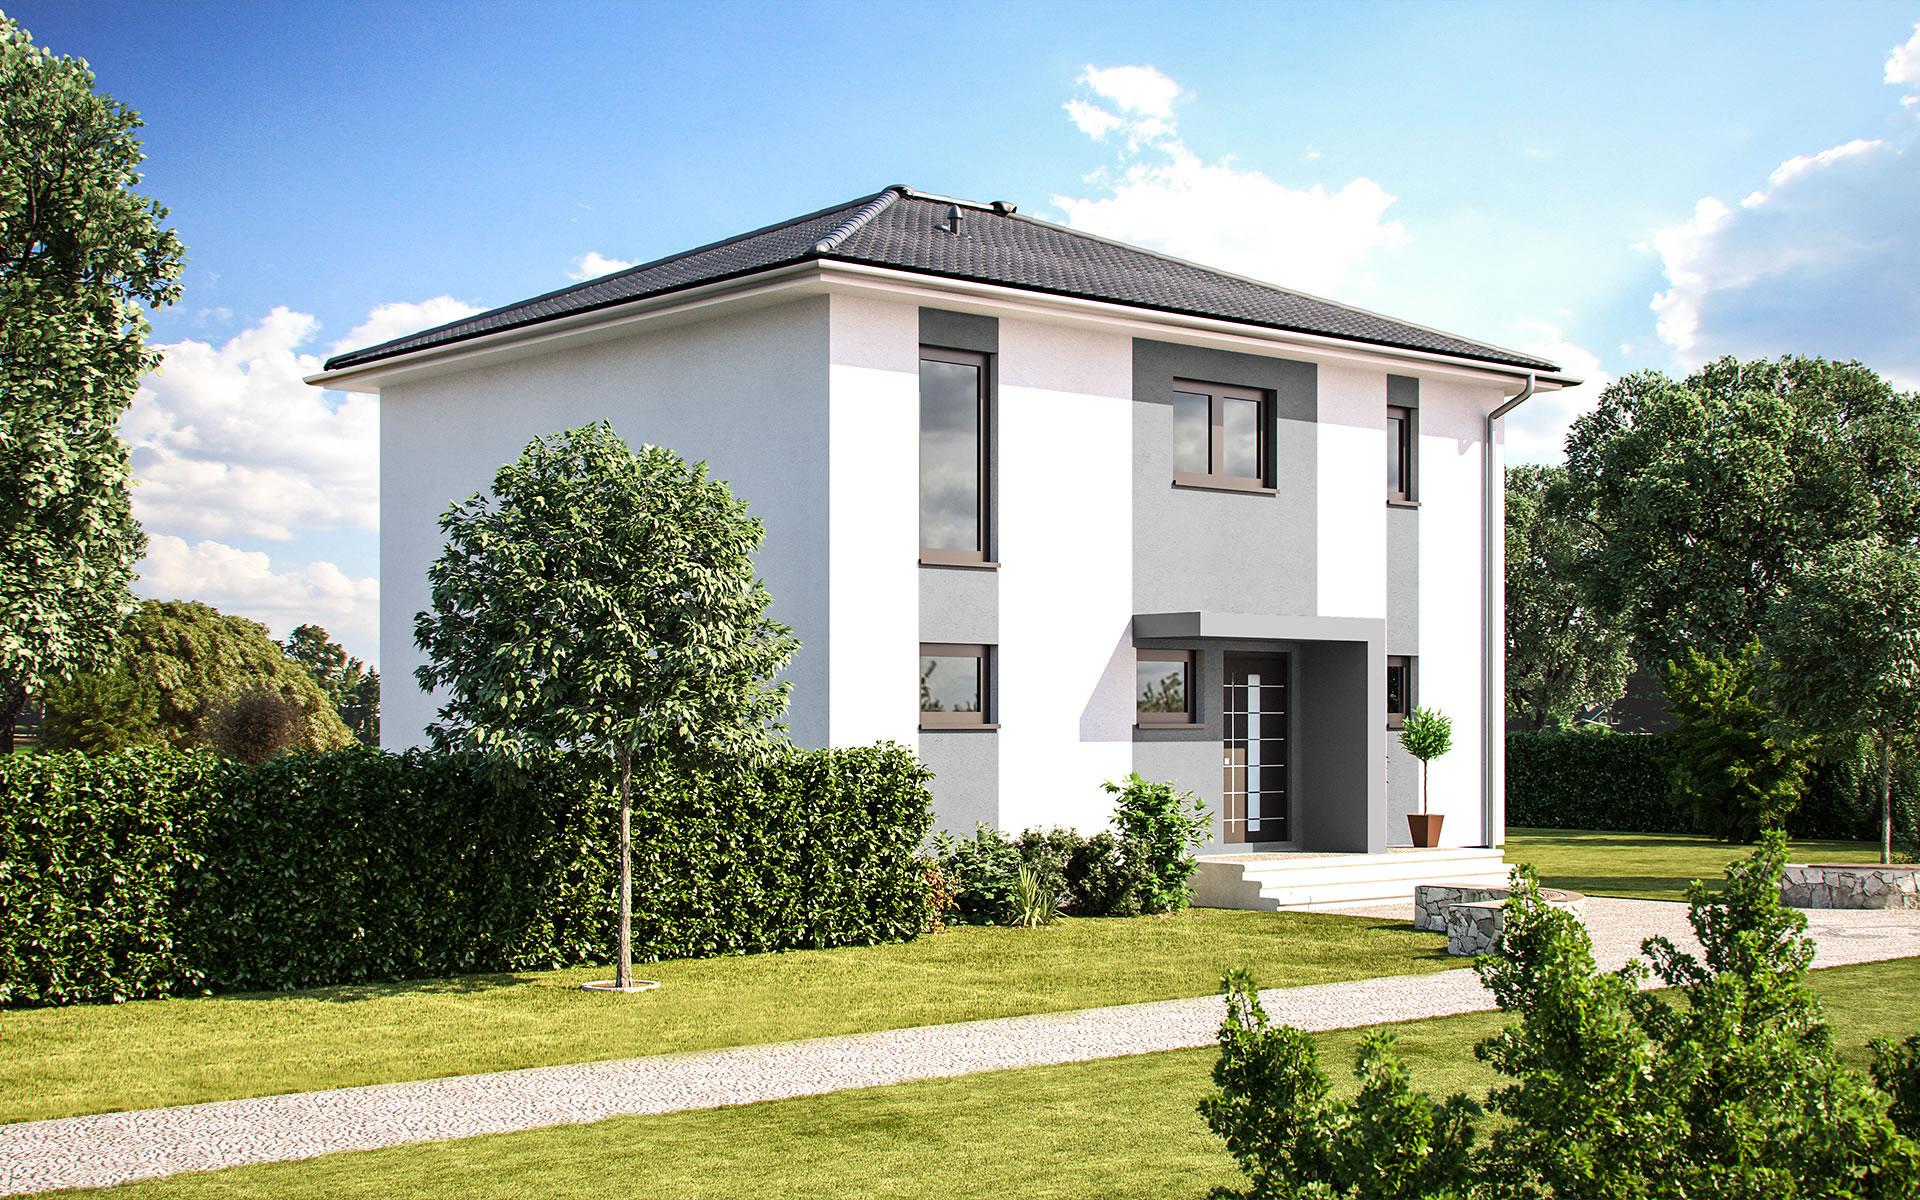 Eos 154 von Bärenhaus - das fertige Haus GmbH